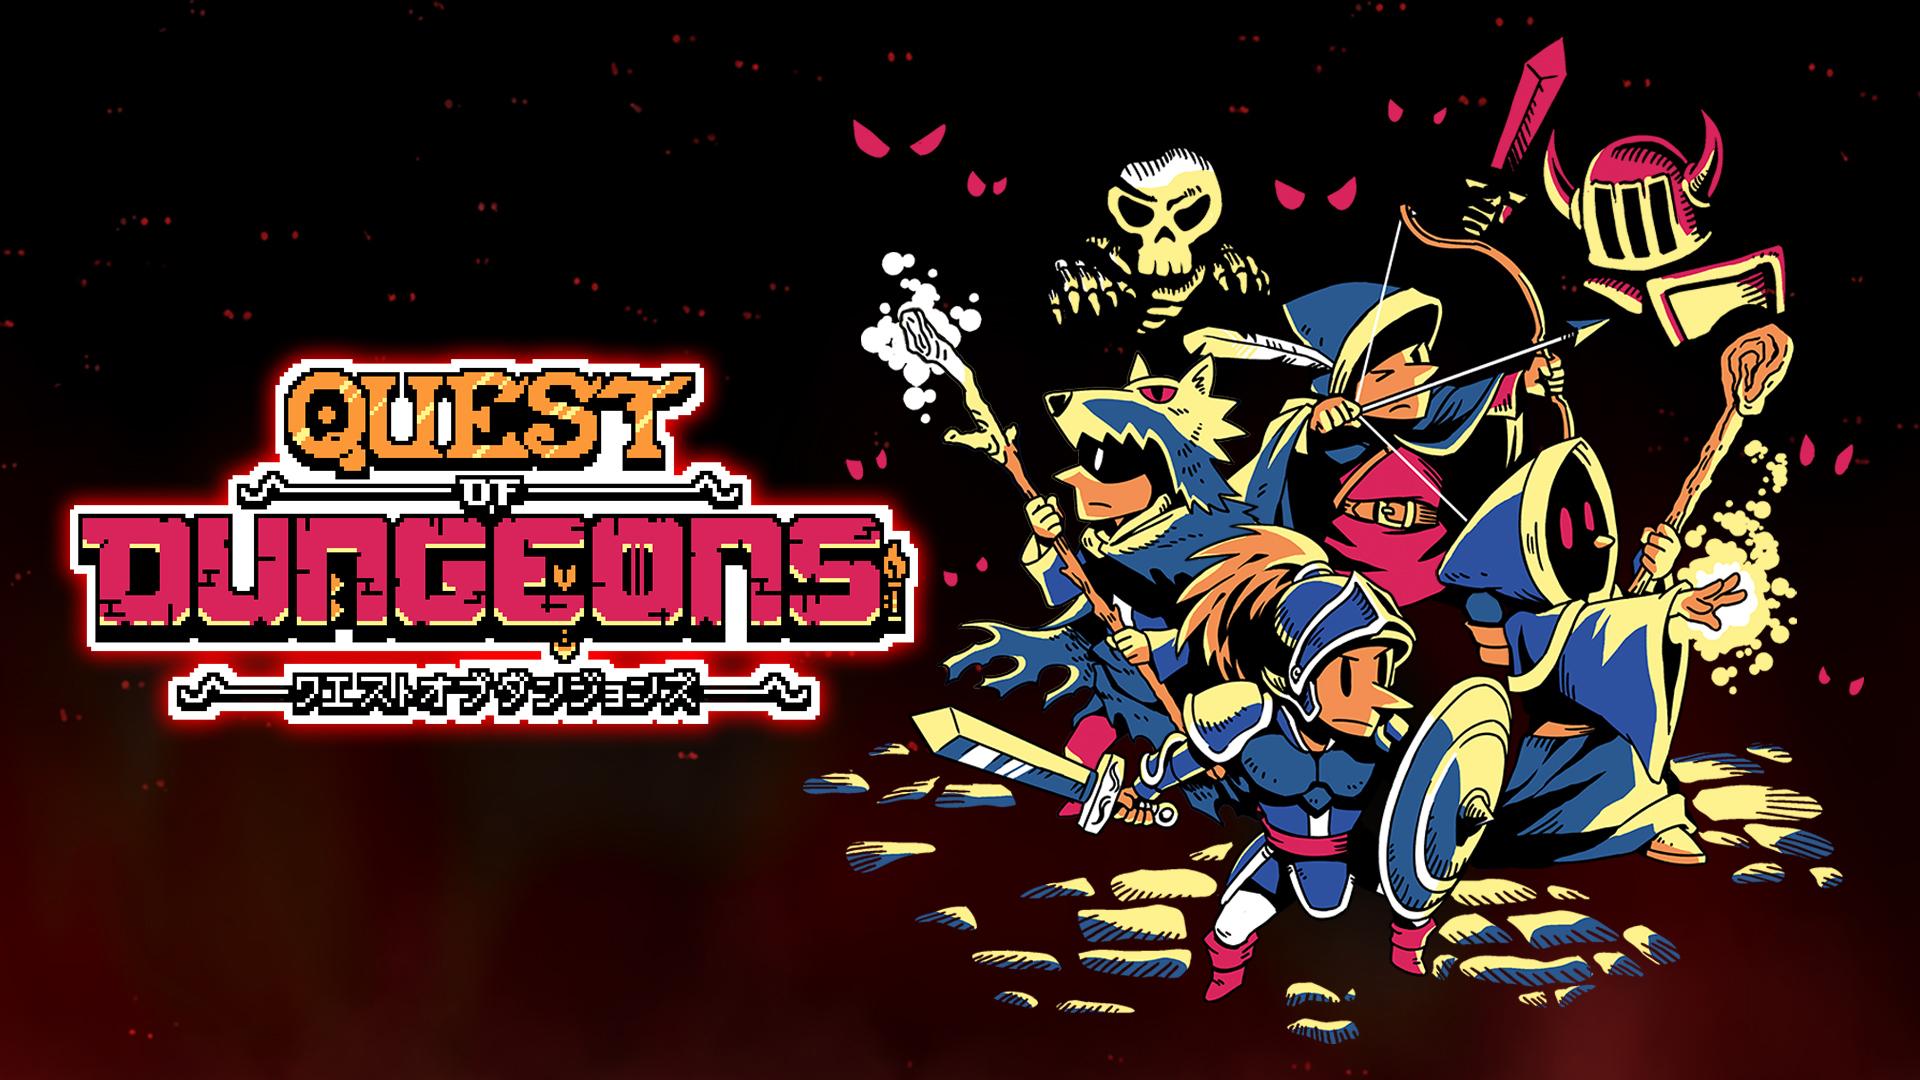 [Switch] Quest of Dungeons chega ao ocidente na próxima semana através da eShop